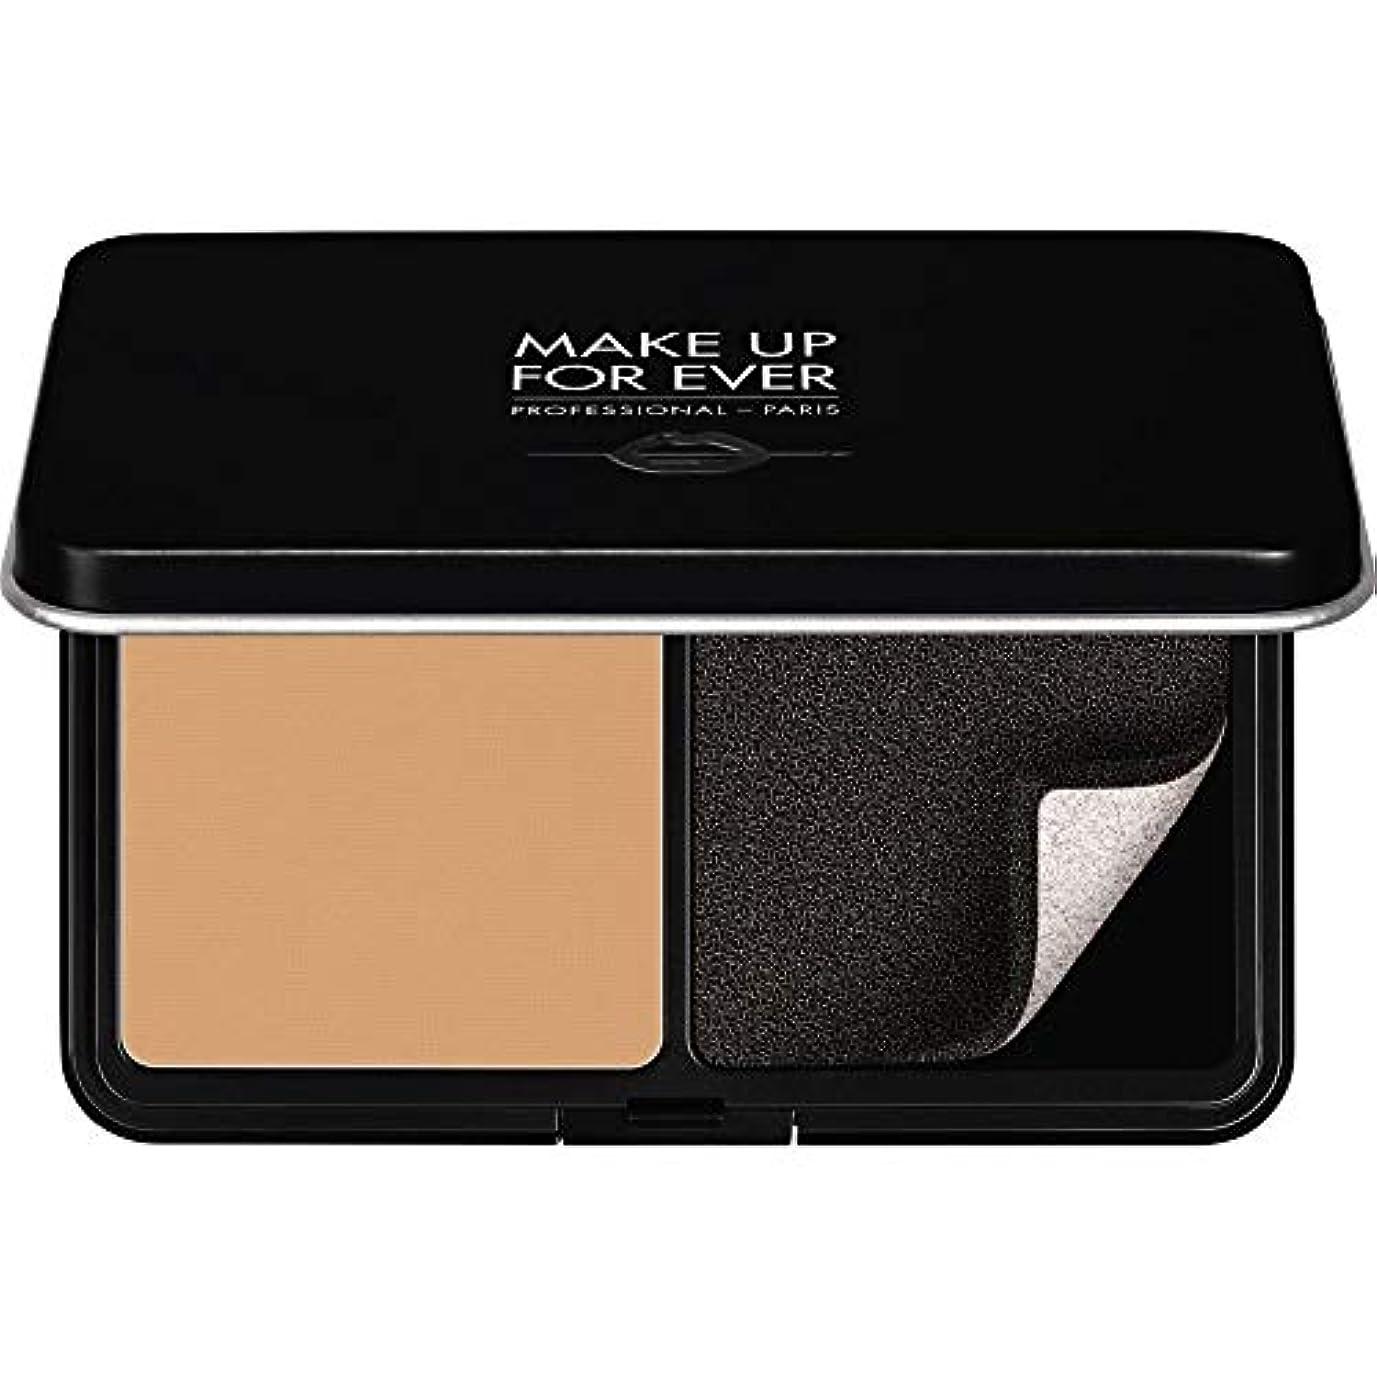 活性化するスコアフラッシュのように素早く[MAKE UP FOR EVER ] 暗い砂 - パウダーファンデーション11GののY335をぼかし、これまでマットベルベットの肌を補います - MAKE UP FOR EVER Matte Velvet Skin Blurring...